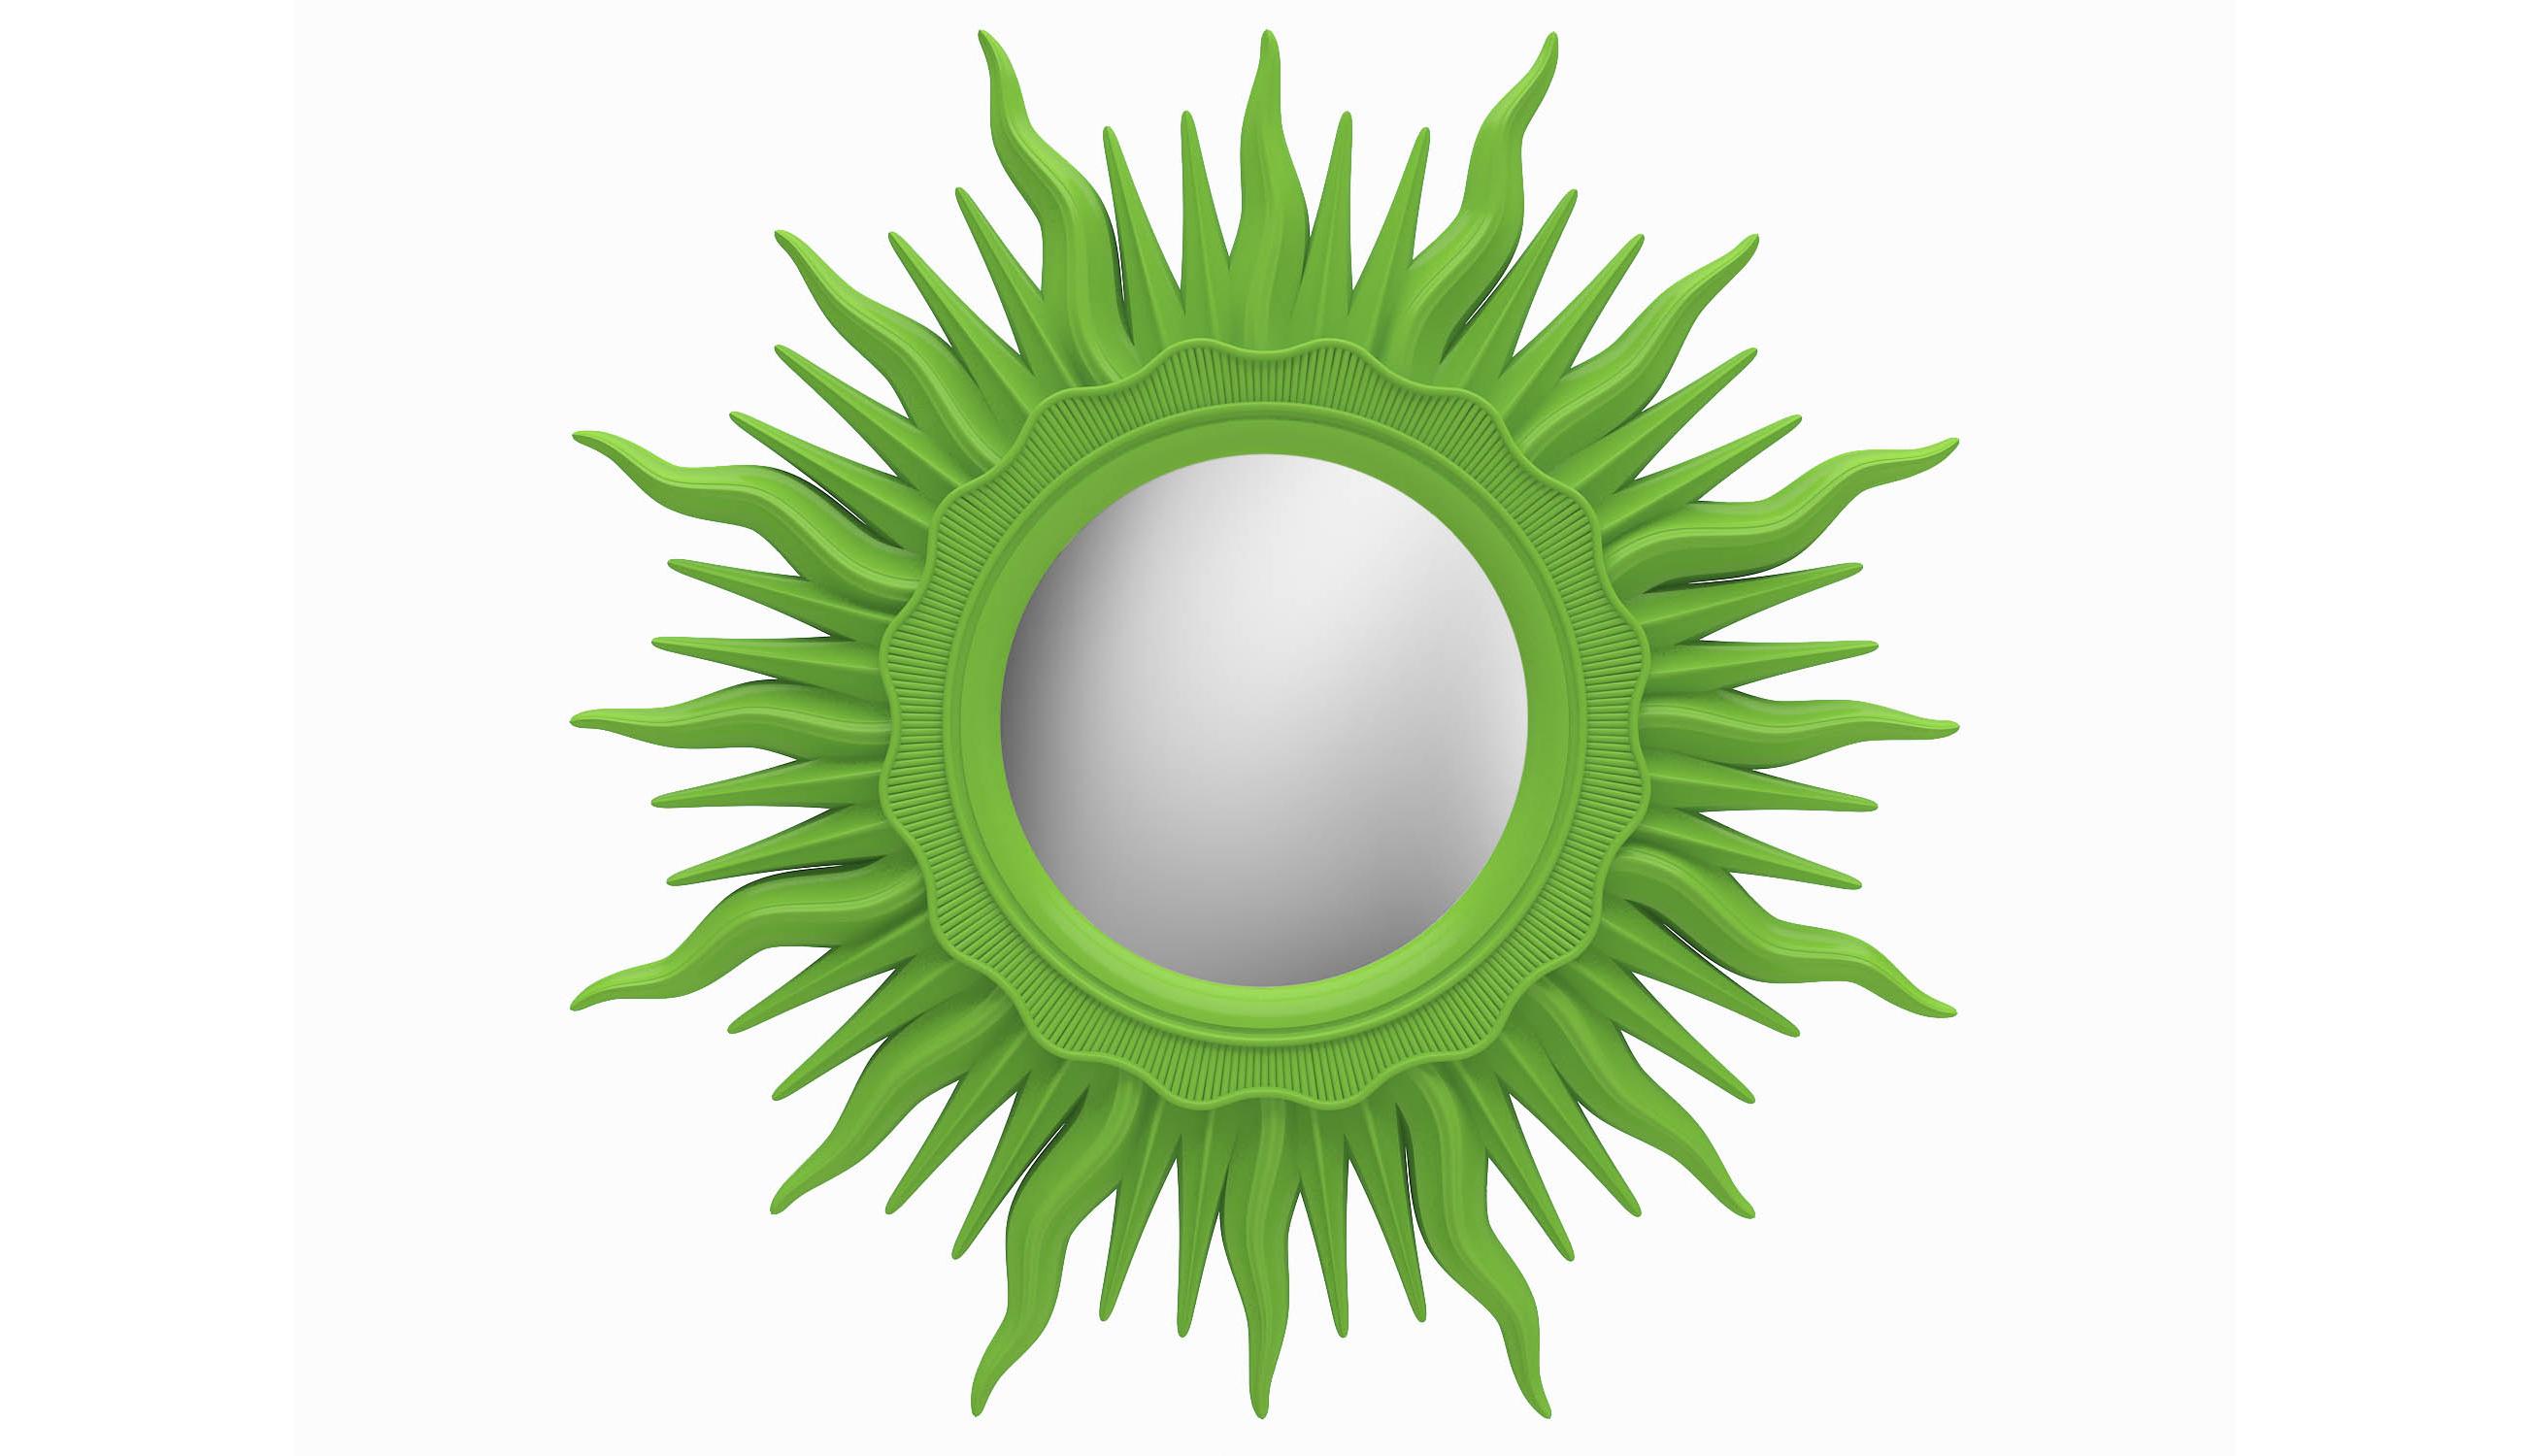 Зеркало АСТРОНастенные зеркала<br>&amp;lt;div&amp;gt;Круглым зеркалом не удивишь. Но если вставить его в раму в виде солнечных лучей, равнодушных не останется. Так устроен наш организм: всегда тянется навстречу светилу, даже бутафорскому и даже… зеленому. Обрамление из композитного полиуретана окрашено в цвет свежий зелени, яркий и позитивный. ППУ ? материал настолько крепкий, что будет служить долгие годы без единого скола.&amp;lt;/div&amp;gt;&amp;lt;div&amp;gt;&amp;lt;span style=&amp;quot;line-height: 1.78571;&amp;quot;&amp;gt;&amp;lt;br&amp;gt;&amp;lt;/span&amp;gt;&amp;lt;/div&amp;gt;&amp;lt;div&amp;gt;&amp;lt;span style=&amp;quot;line-height: 1.78571;&amp;quot;&amp;gt;Цвет:&amp;amp;nbsp;Зеленый&amp;lt;/span&amp;gt;&amp;lt;/div&amp;gt;<br><br>Material: Полиуретан<br>Глубина см: 4